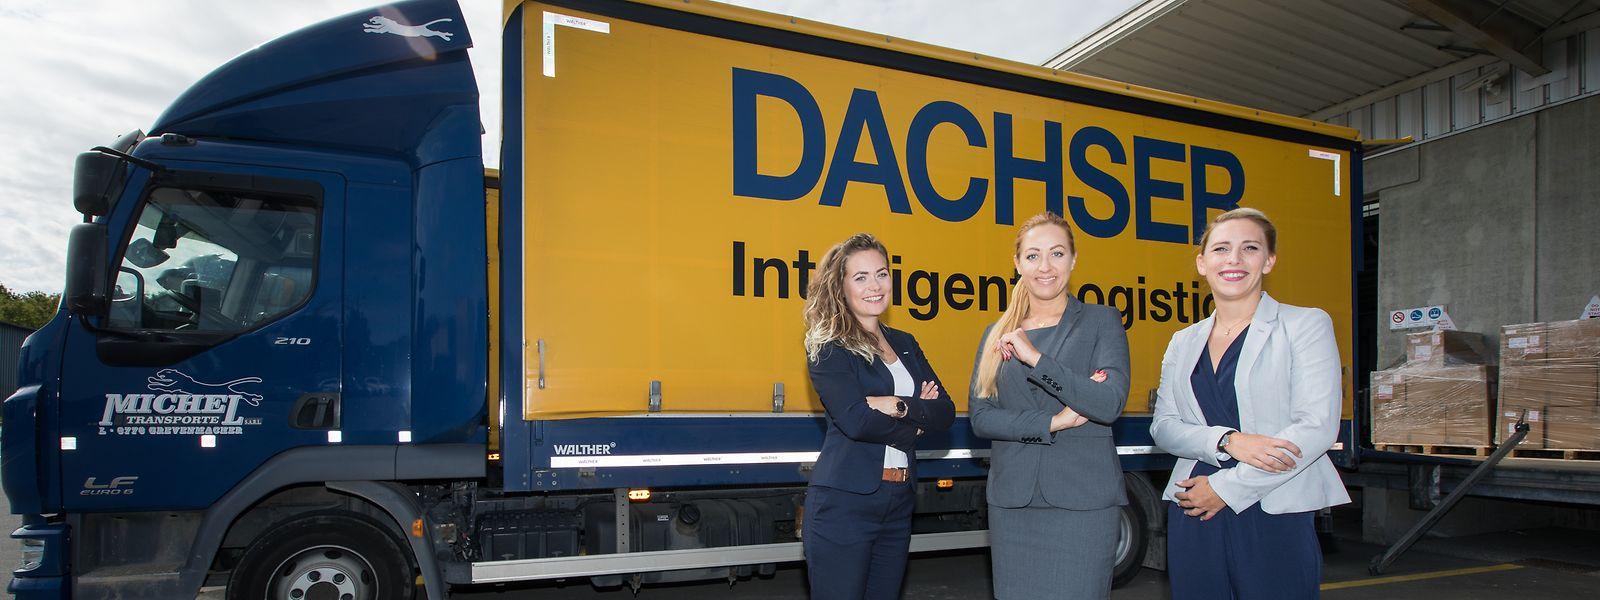 Nicole Engelbert, Janine Weber und Laura Waigel (v.l.): Führungspositionen für Frauen sind im Transportwesen noch eine Seltenheit.